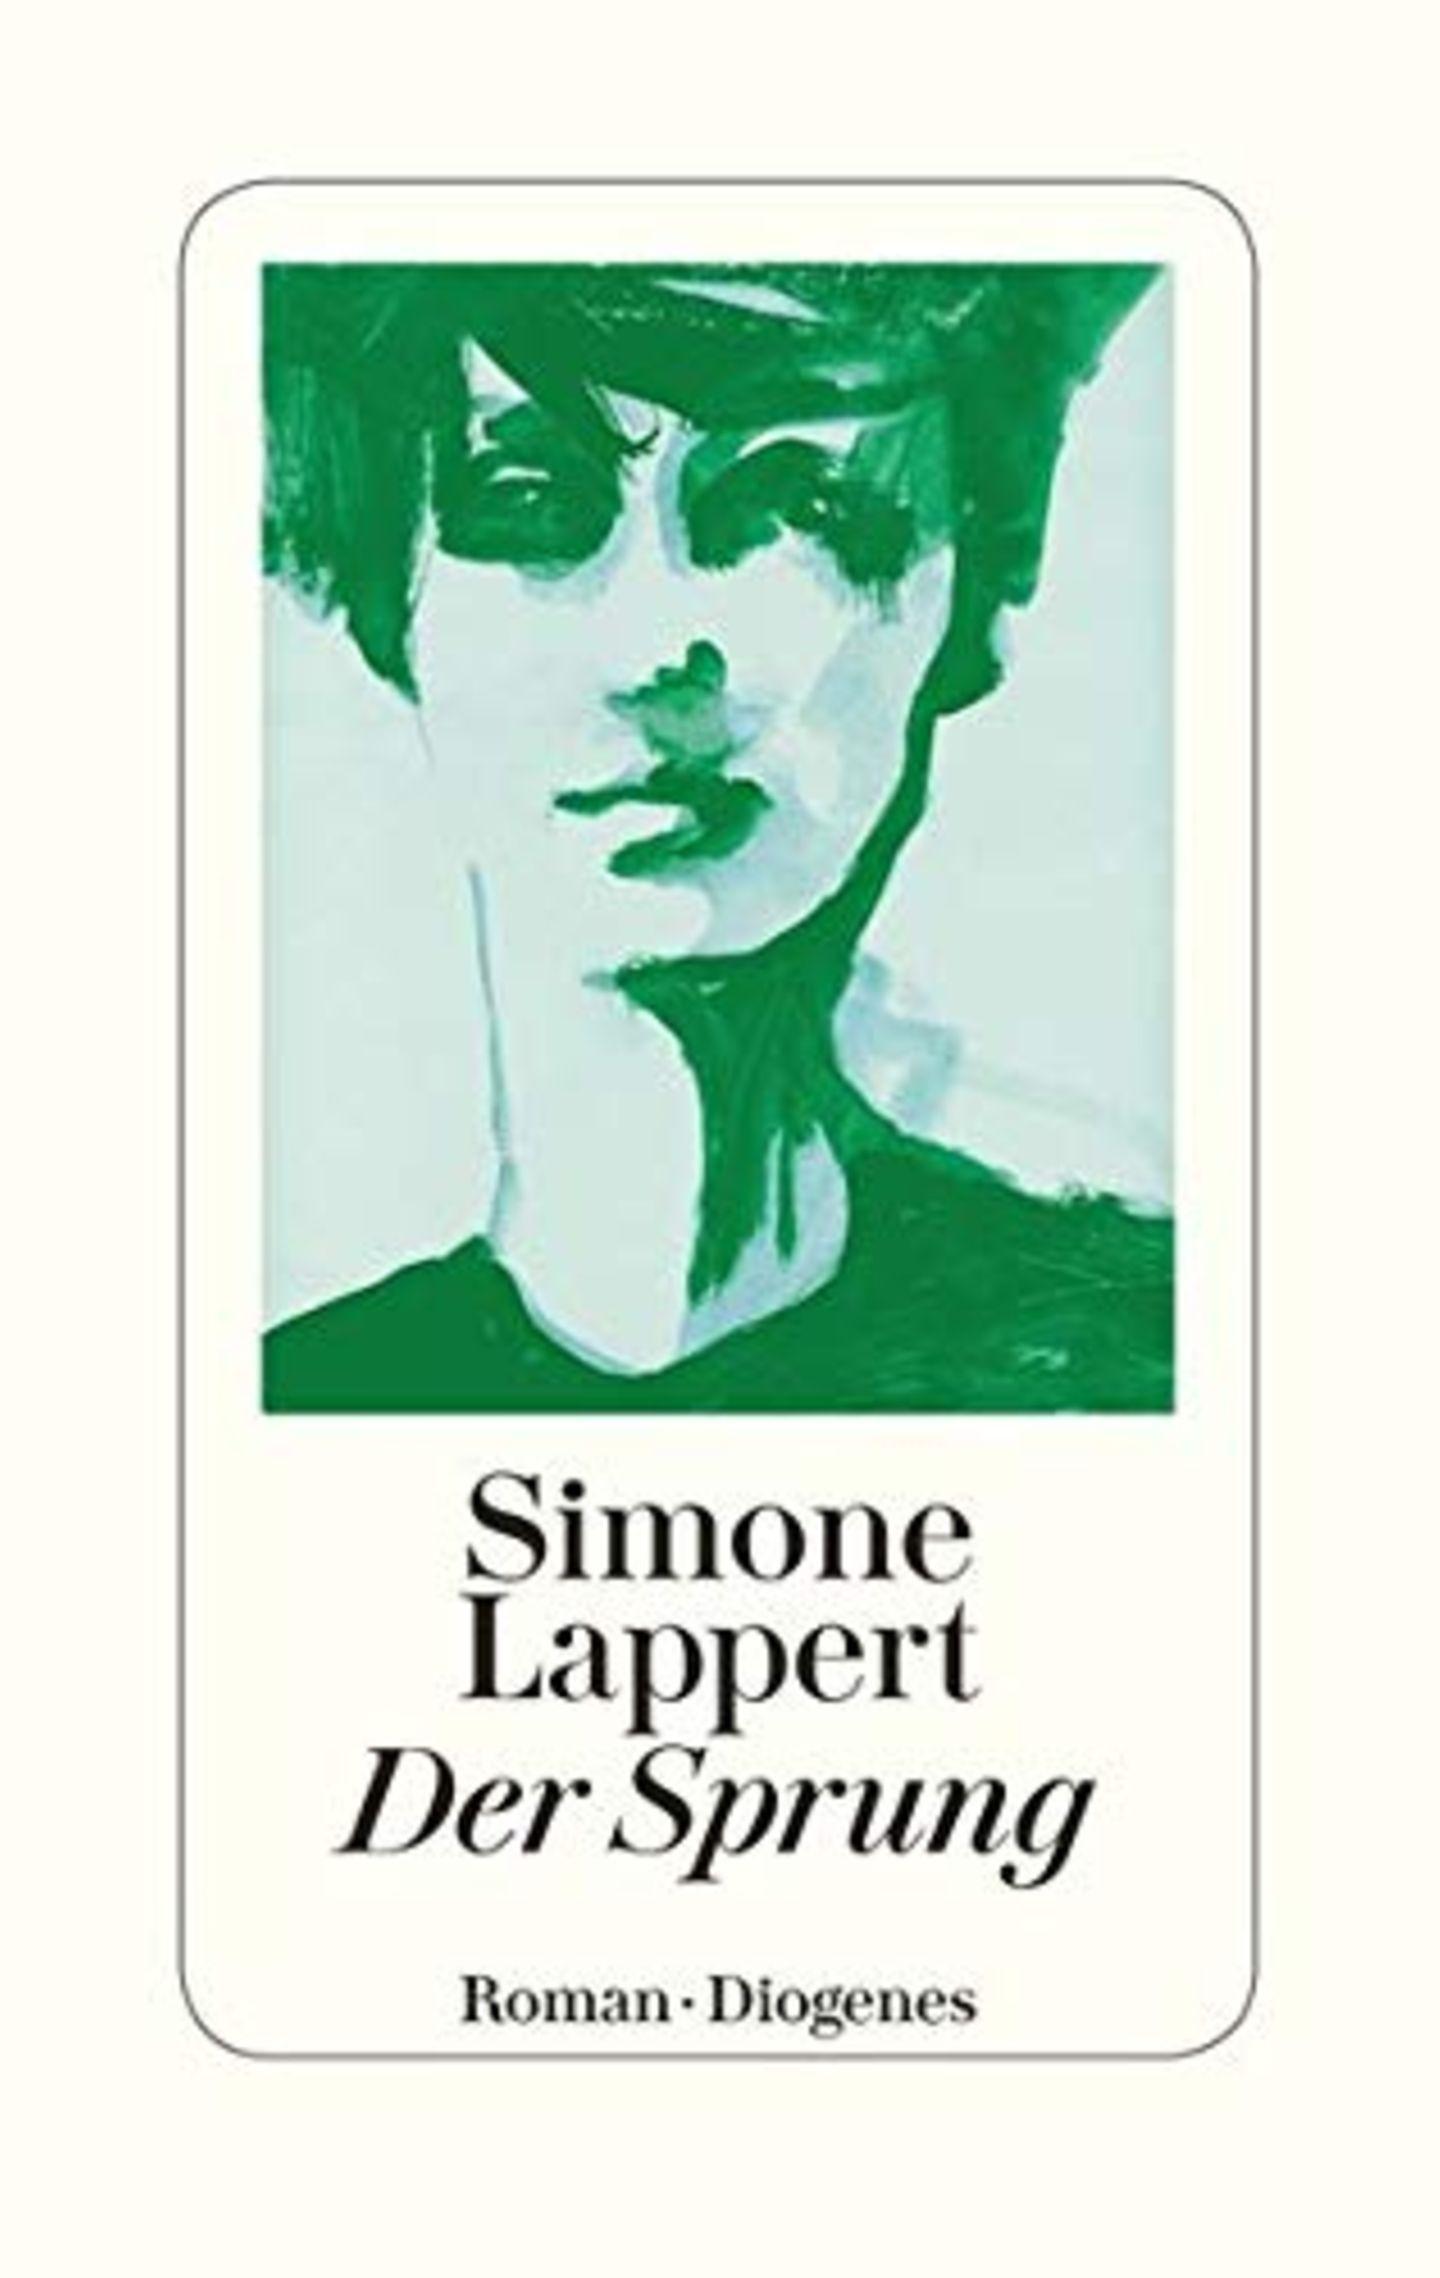 Der Sprung – Simone Lappert